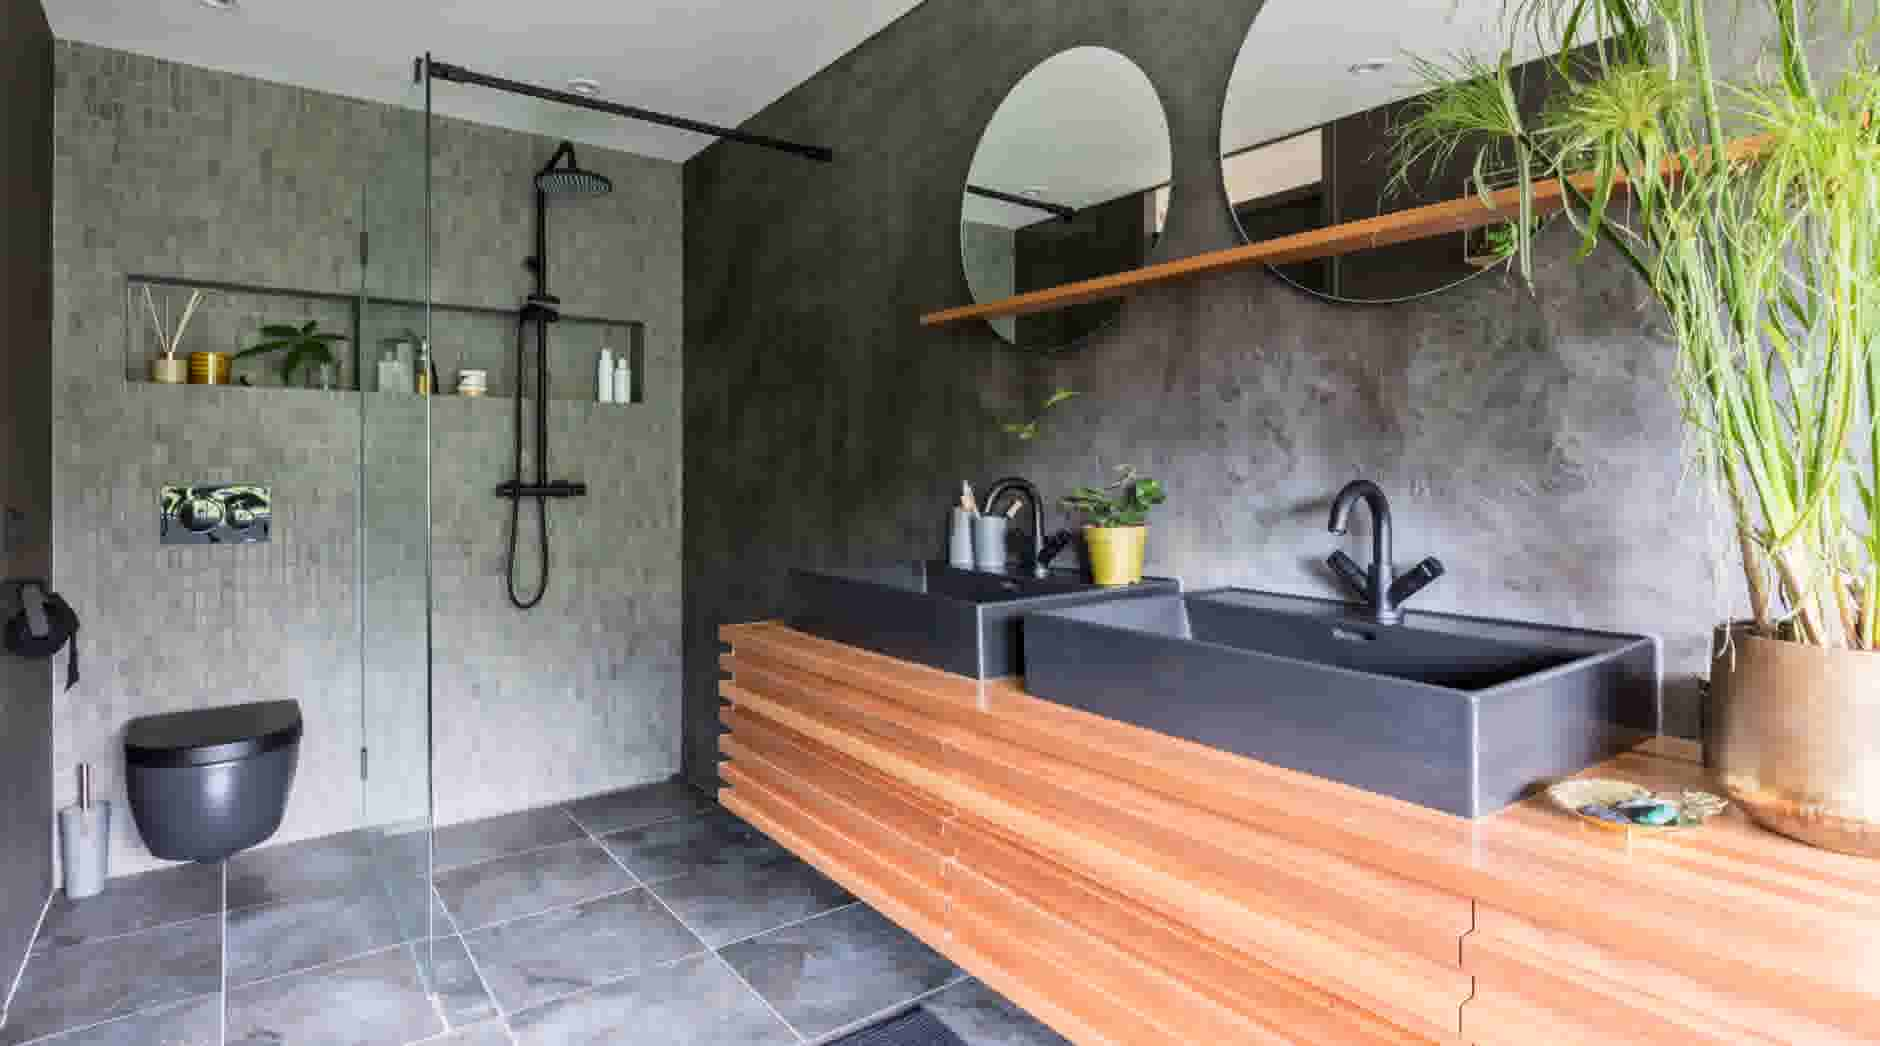 Eigen huis & tuin metamorfose 17. bekijk de make over